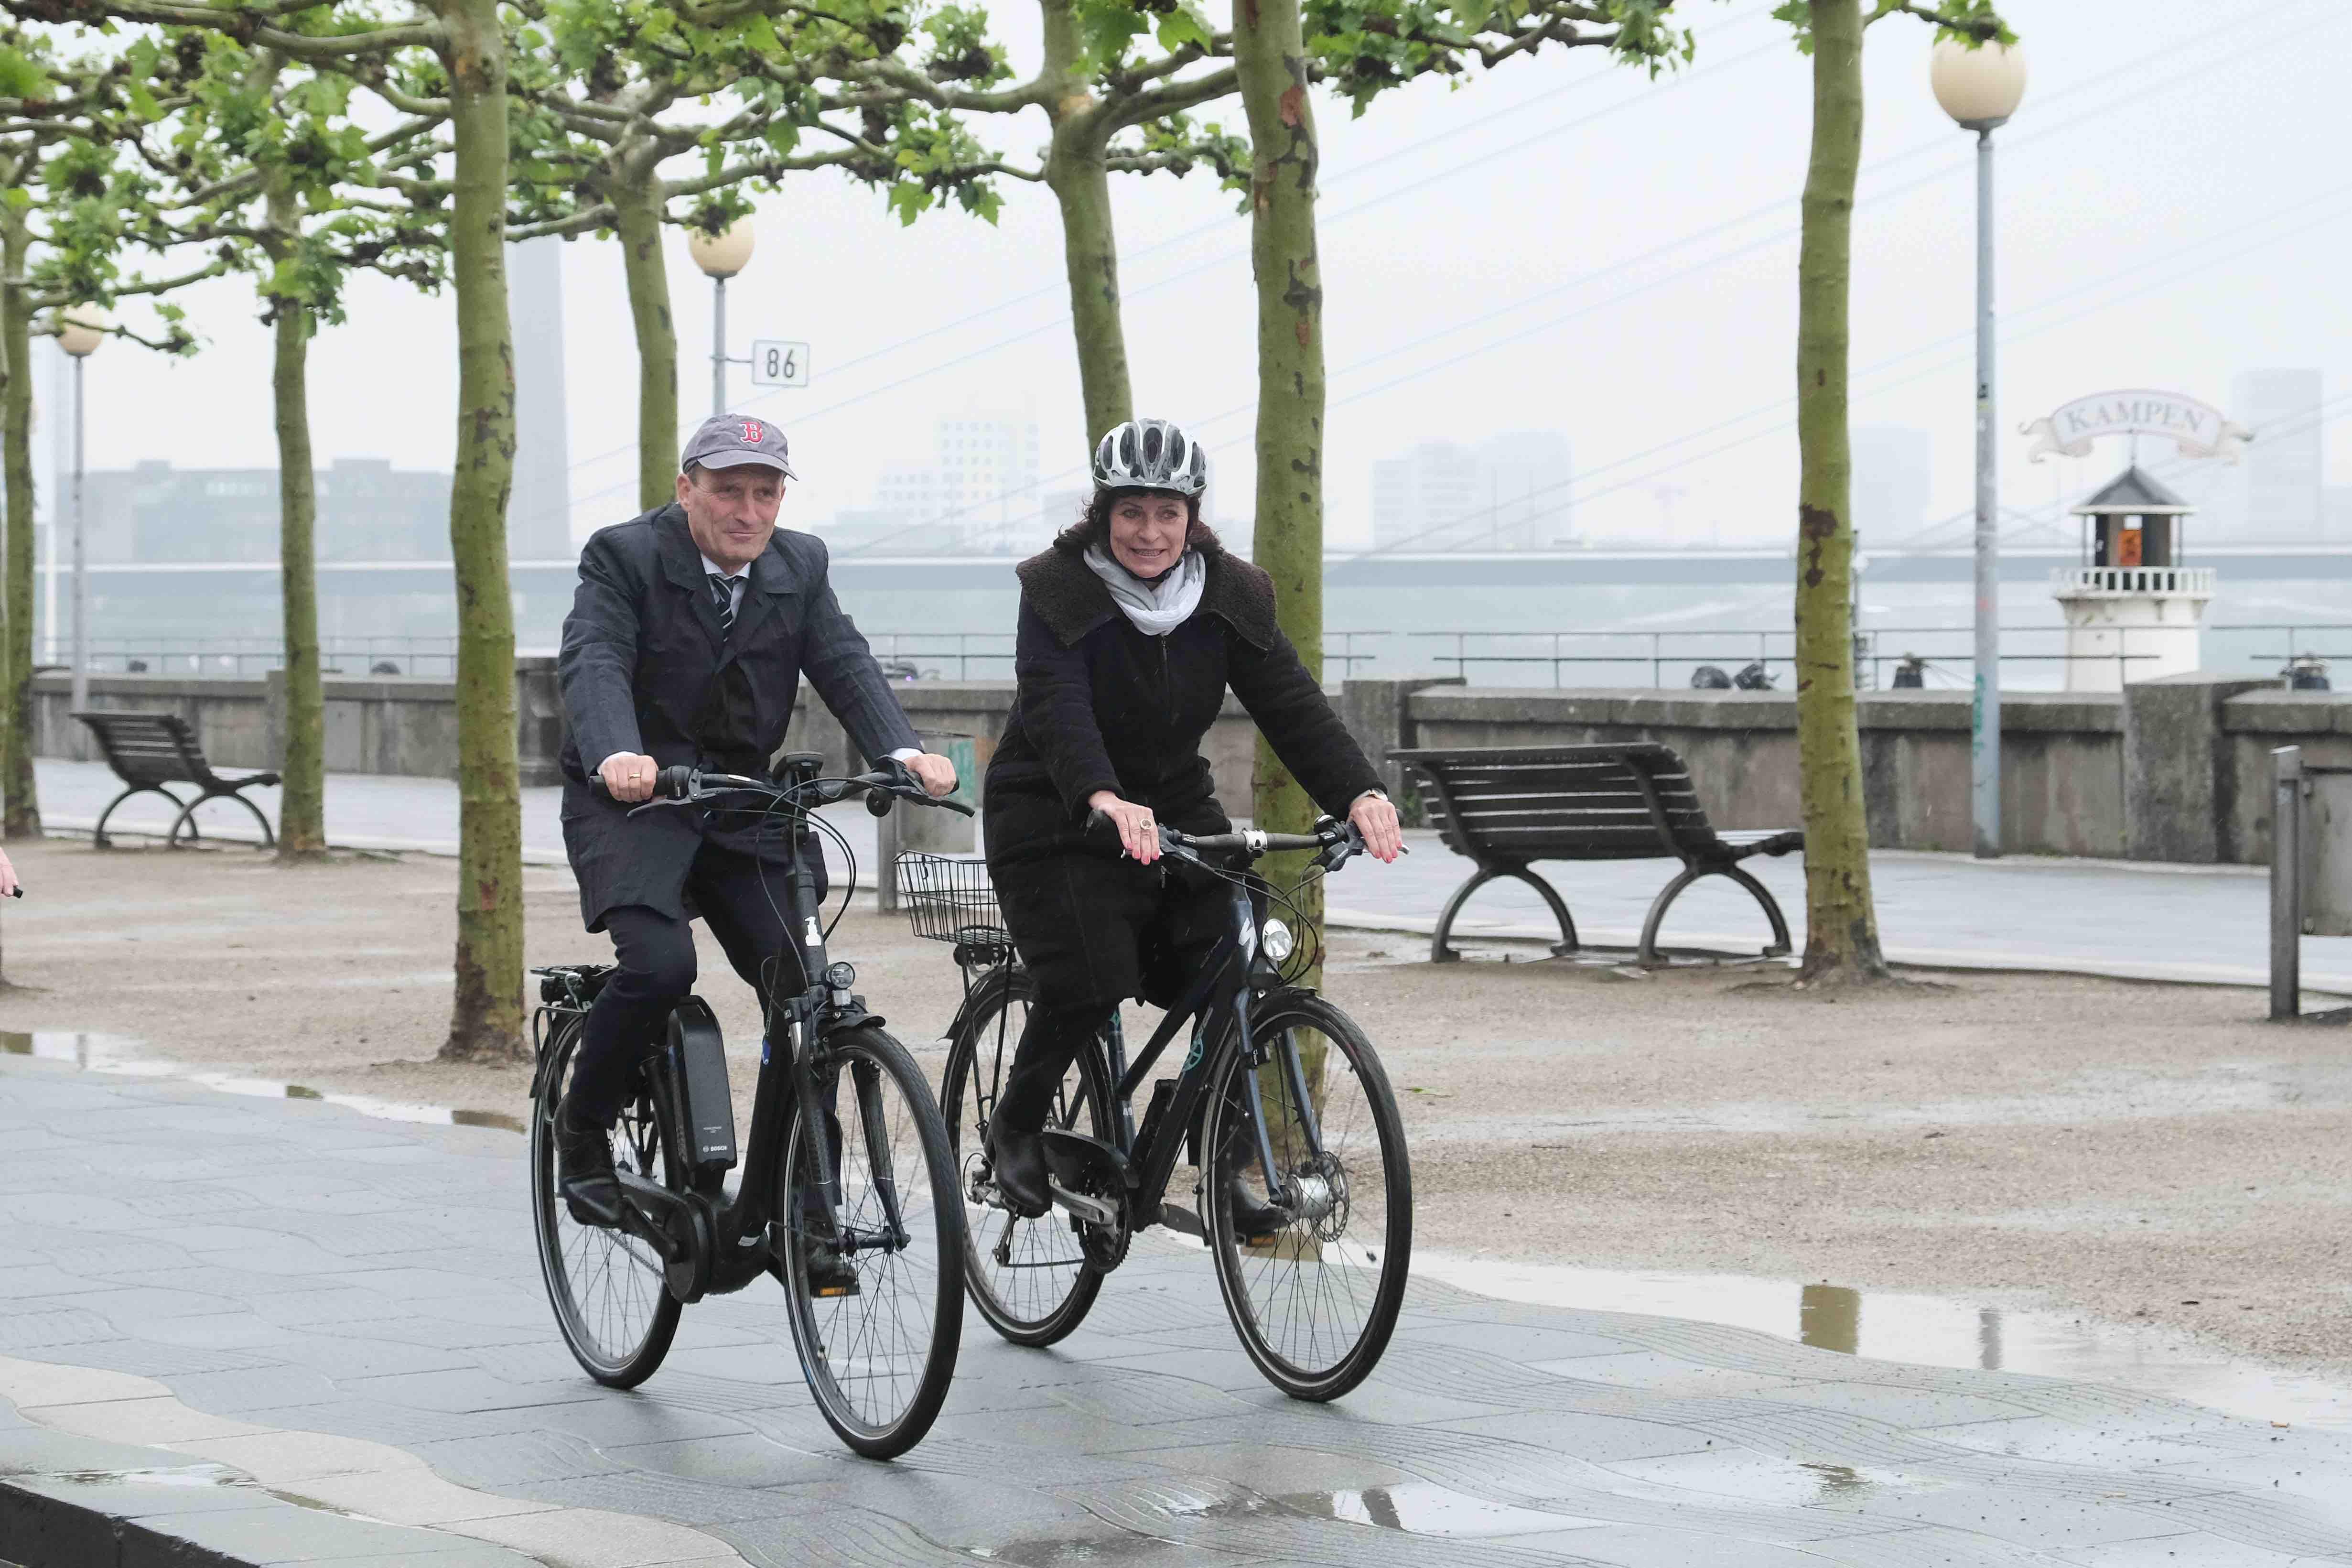 Rufen auf, beim Stadtradeln-Wettbewerb mitzumachen: Oberbürgermeister Thomas Geisel und Umweltdezernentin Helga Stulgies (Foto: Michael Gstettenbauer)